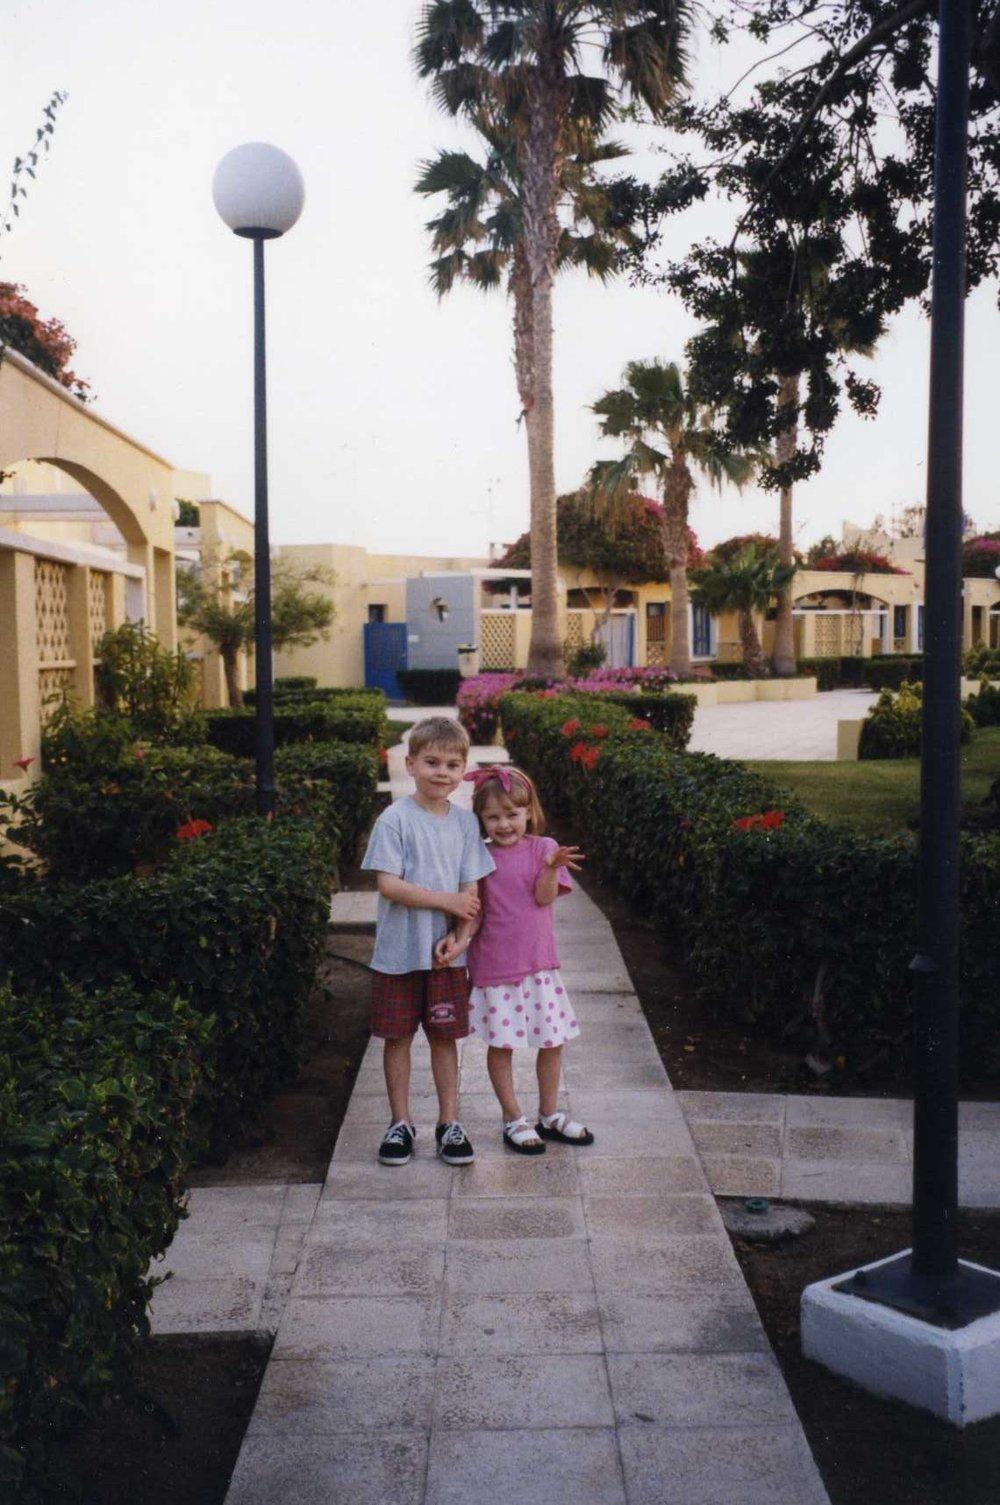 Min bror Max och jag. Under en tid då klackskor var goals.